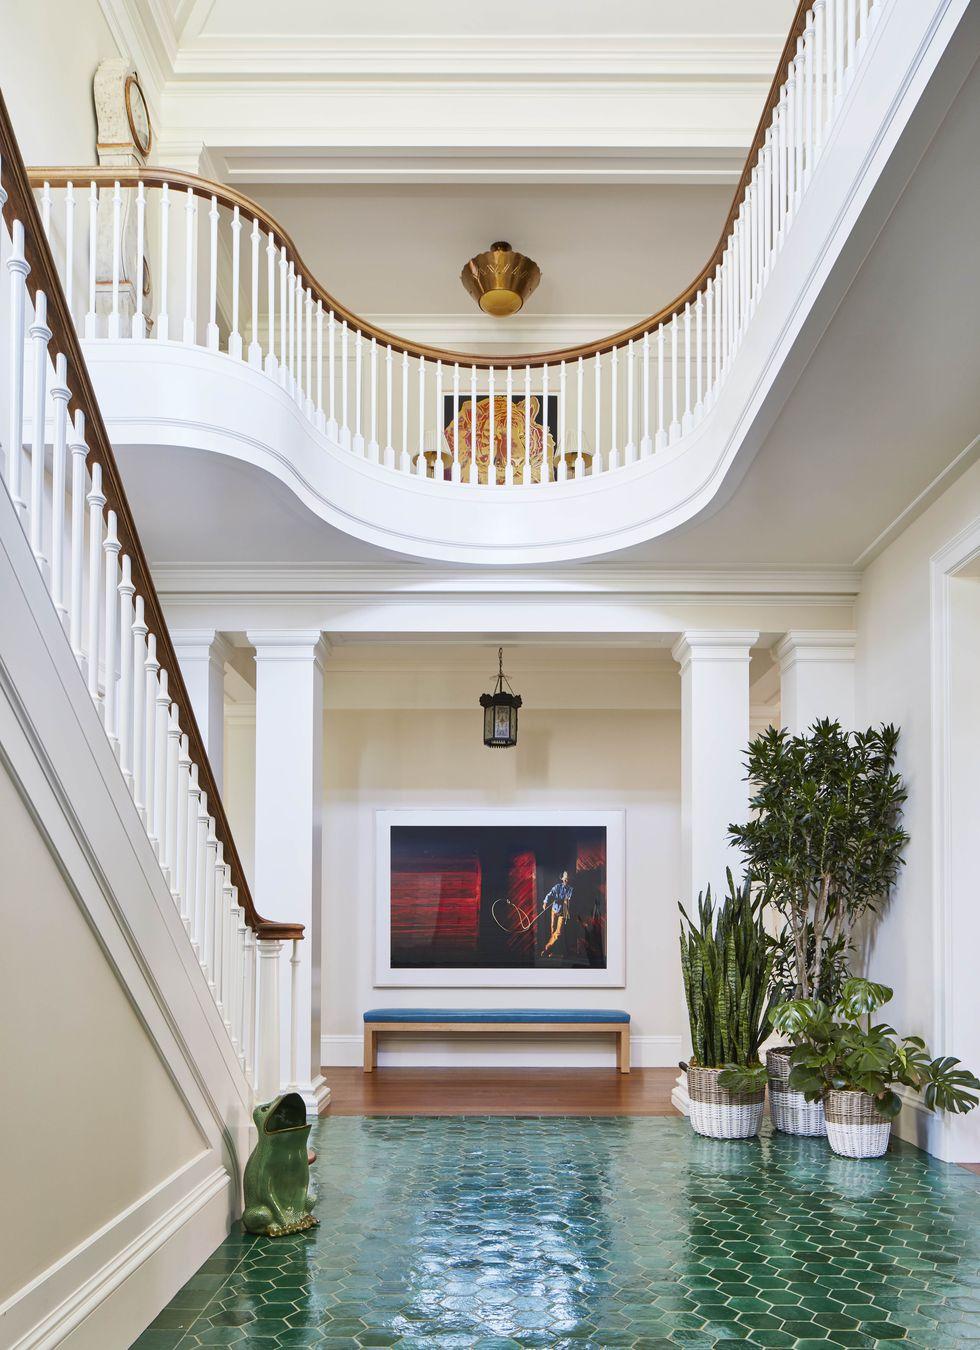 katie-ridder-hamptons-entry-hall-veranda-1556138304.jpg